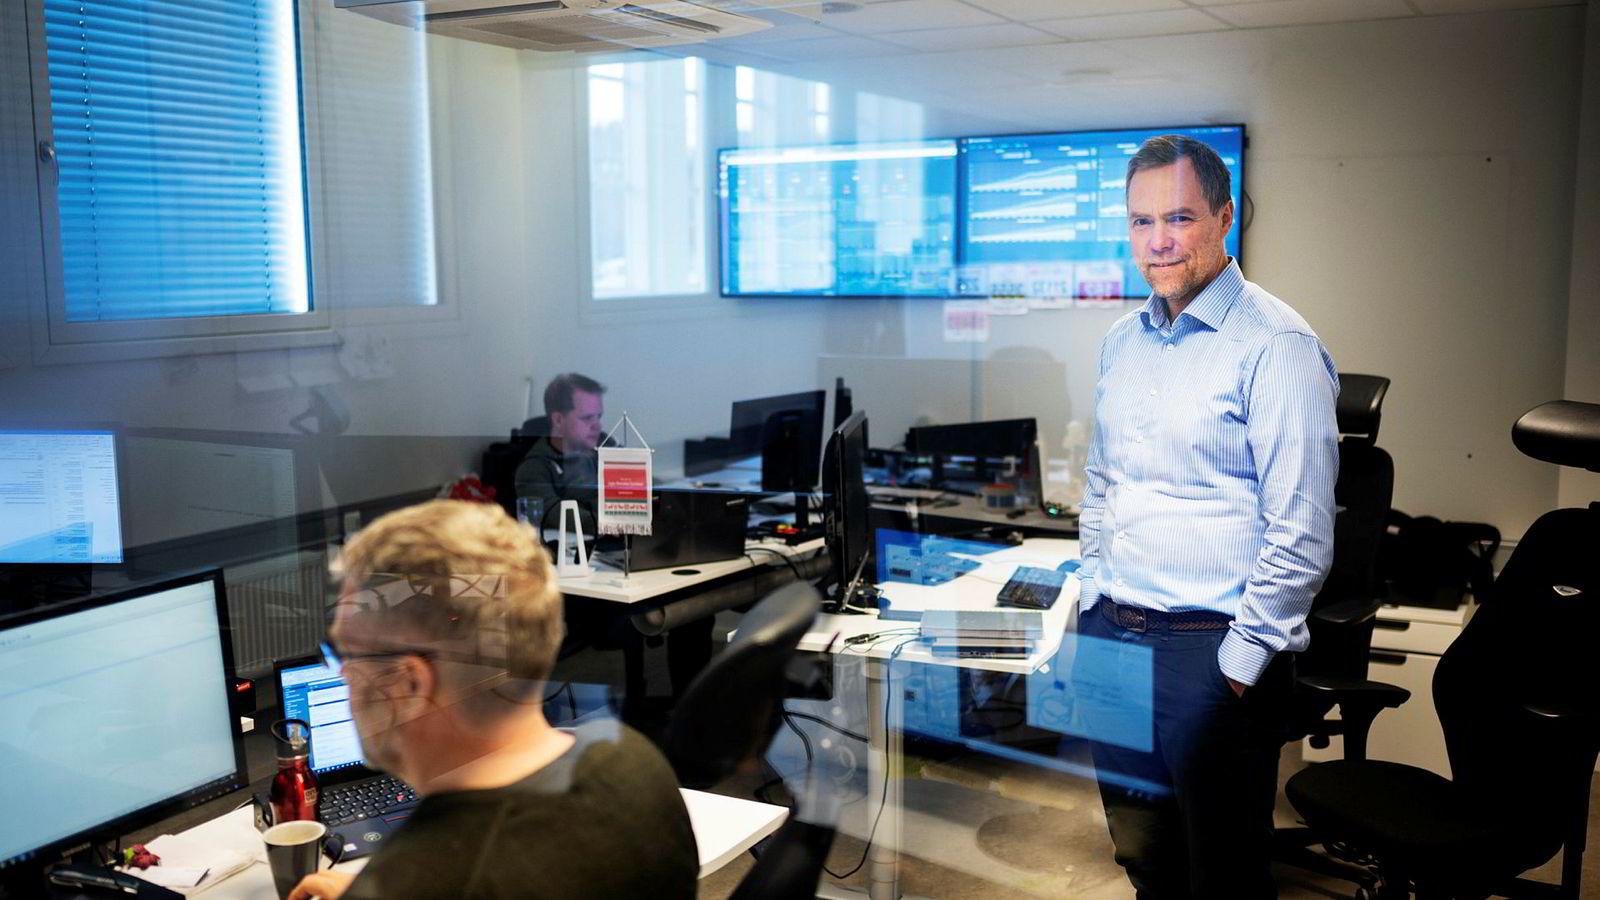 Gunnar Nordseth i Signicat mener gründerselskaper nå gir unge talenter større muligheter for spennende jobber utenfor Oslo. Da han studerte ville mange til Oslo og jobbe på hovedkontoret til store selskaper, fremfor et avdelingskontor.